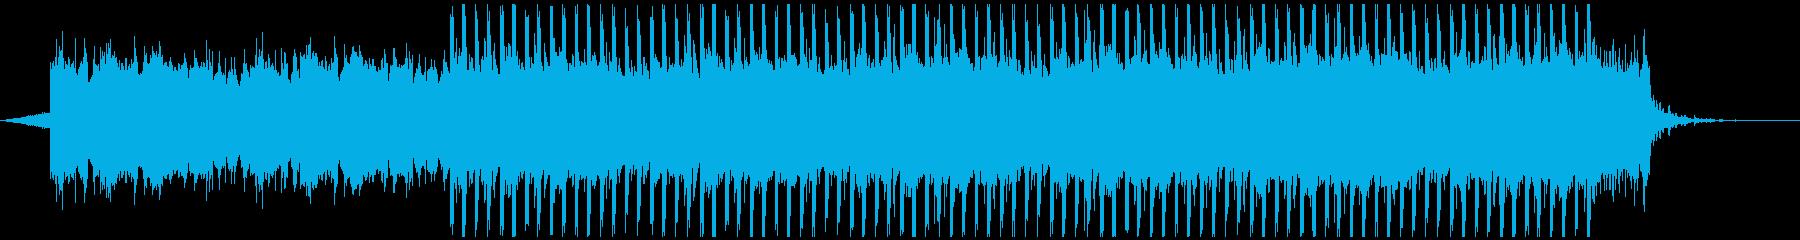 アップビート動機付け音楽(短)の再生済みの波形